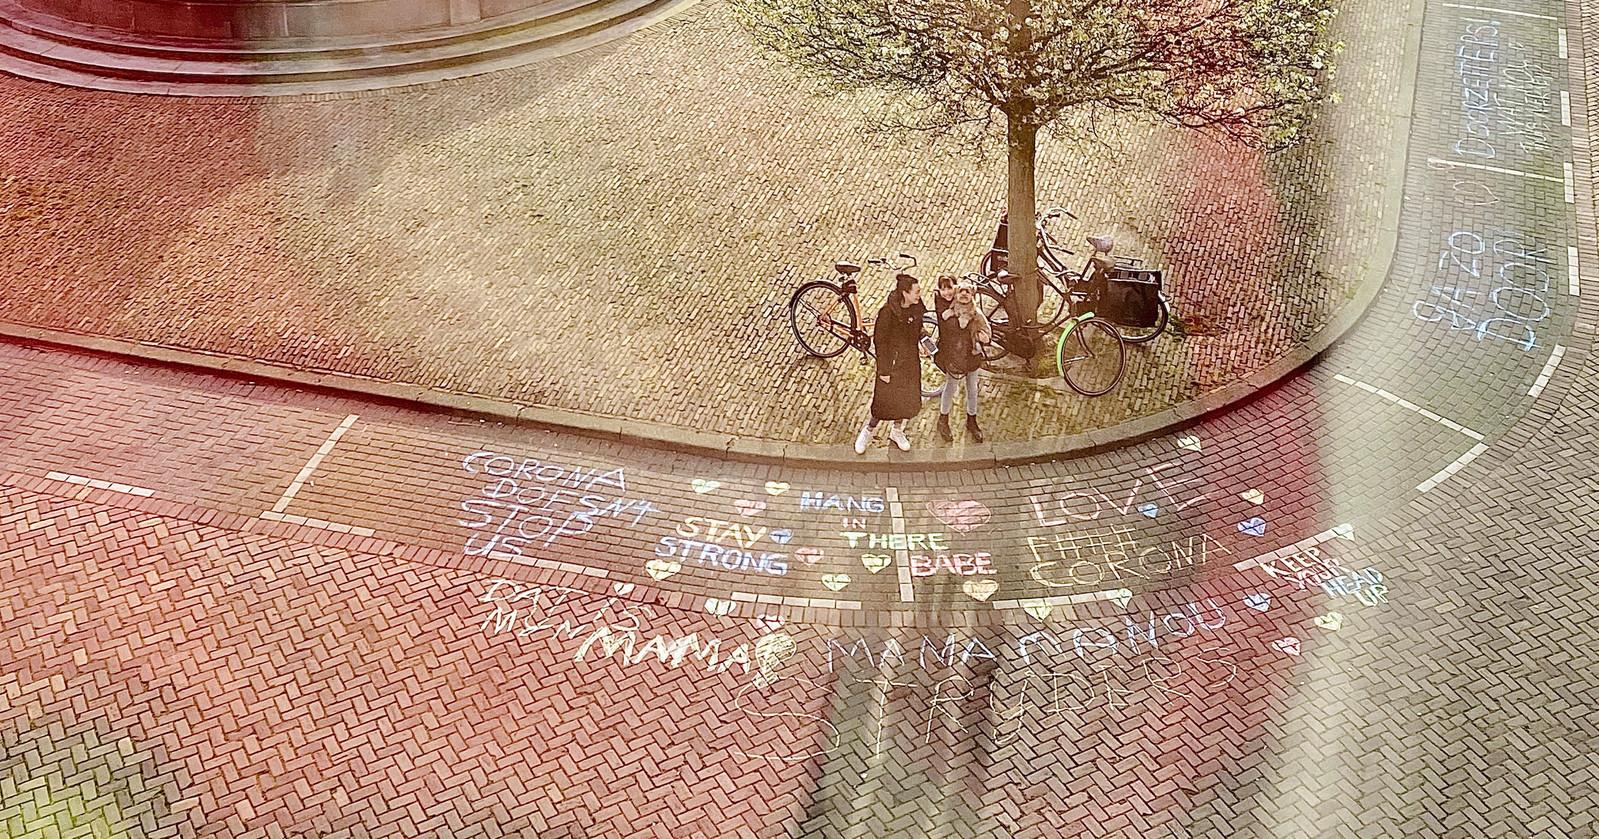 'Stay strong', 'Corona's doesn't stop us', het zijn een paar van de teksten voor Manou Veldman aan de Rotterdamse Veerkade.